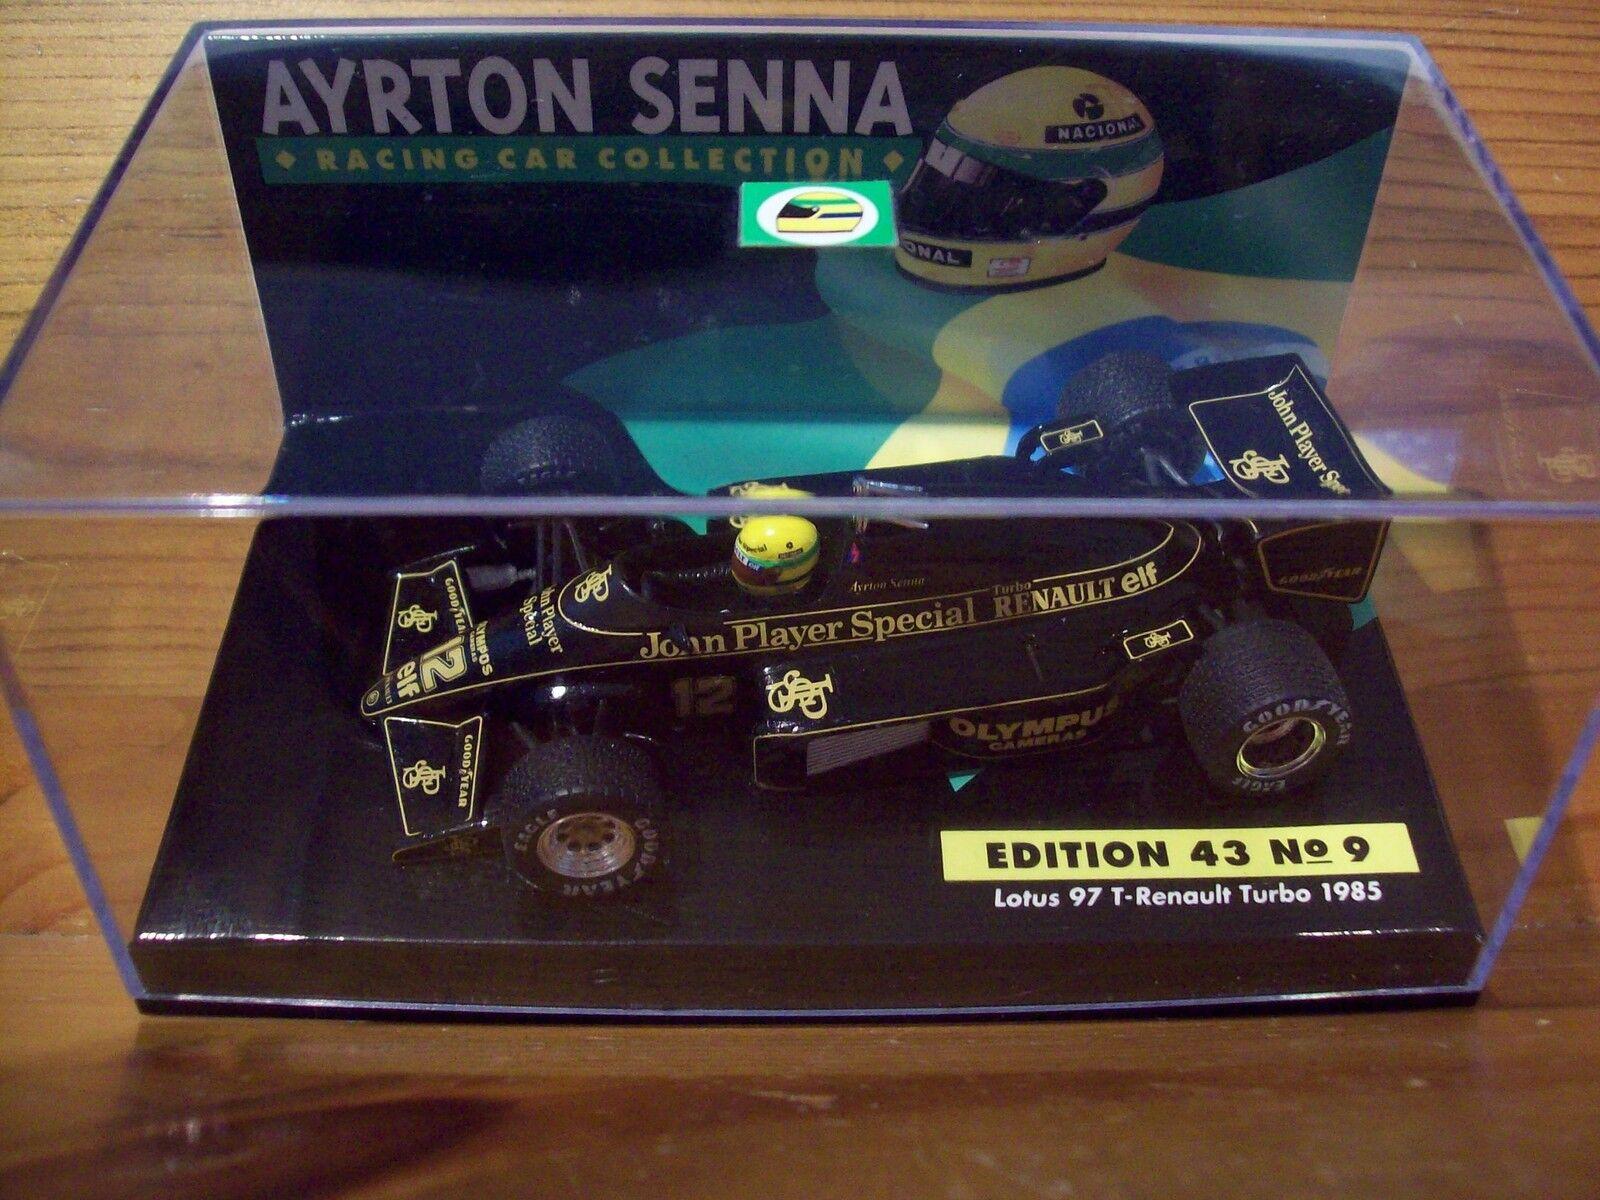 1/43 Ayrton Senna nº 09 Lotus 97 T RENAULT RENAULT RENAULT TURBO 1985  Femmeche | France  | Nouveau Produit  | Au Premier Rang Parmi Les Produits Similaires  9bd4ed